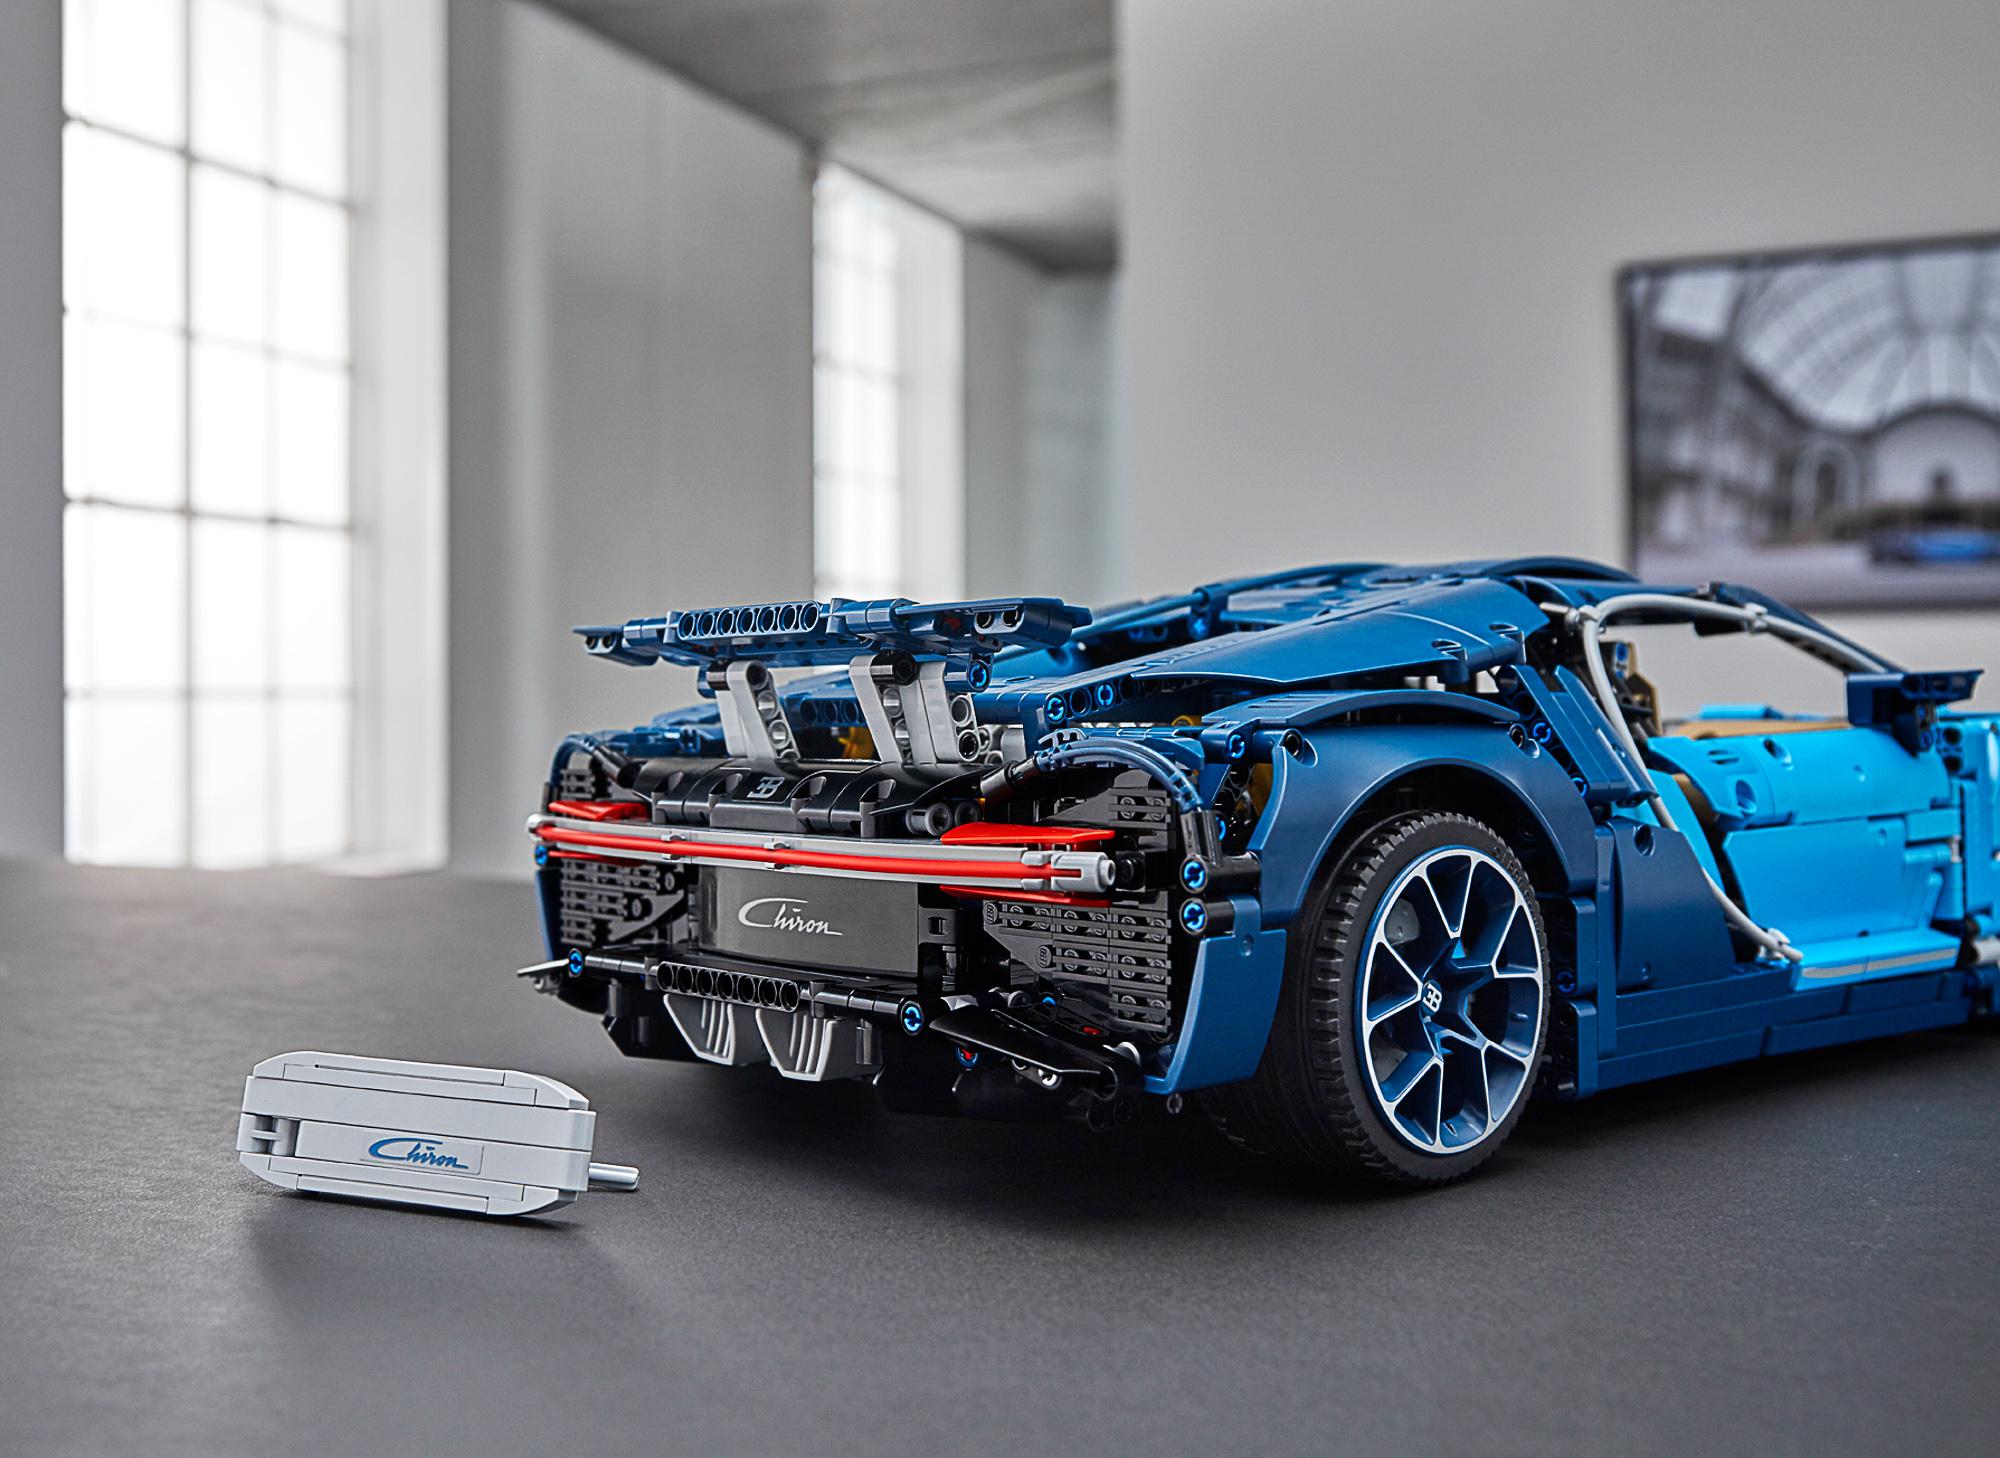 42083 lego technic bugatti chiron-60 | the brothers brick | the